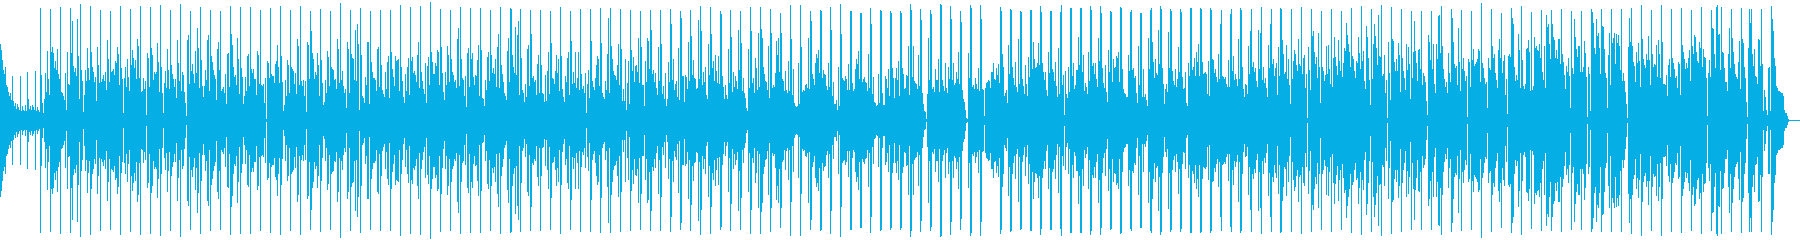 クラリネット、エレキギター、ベース...の再生済みの波形